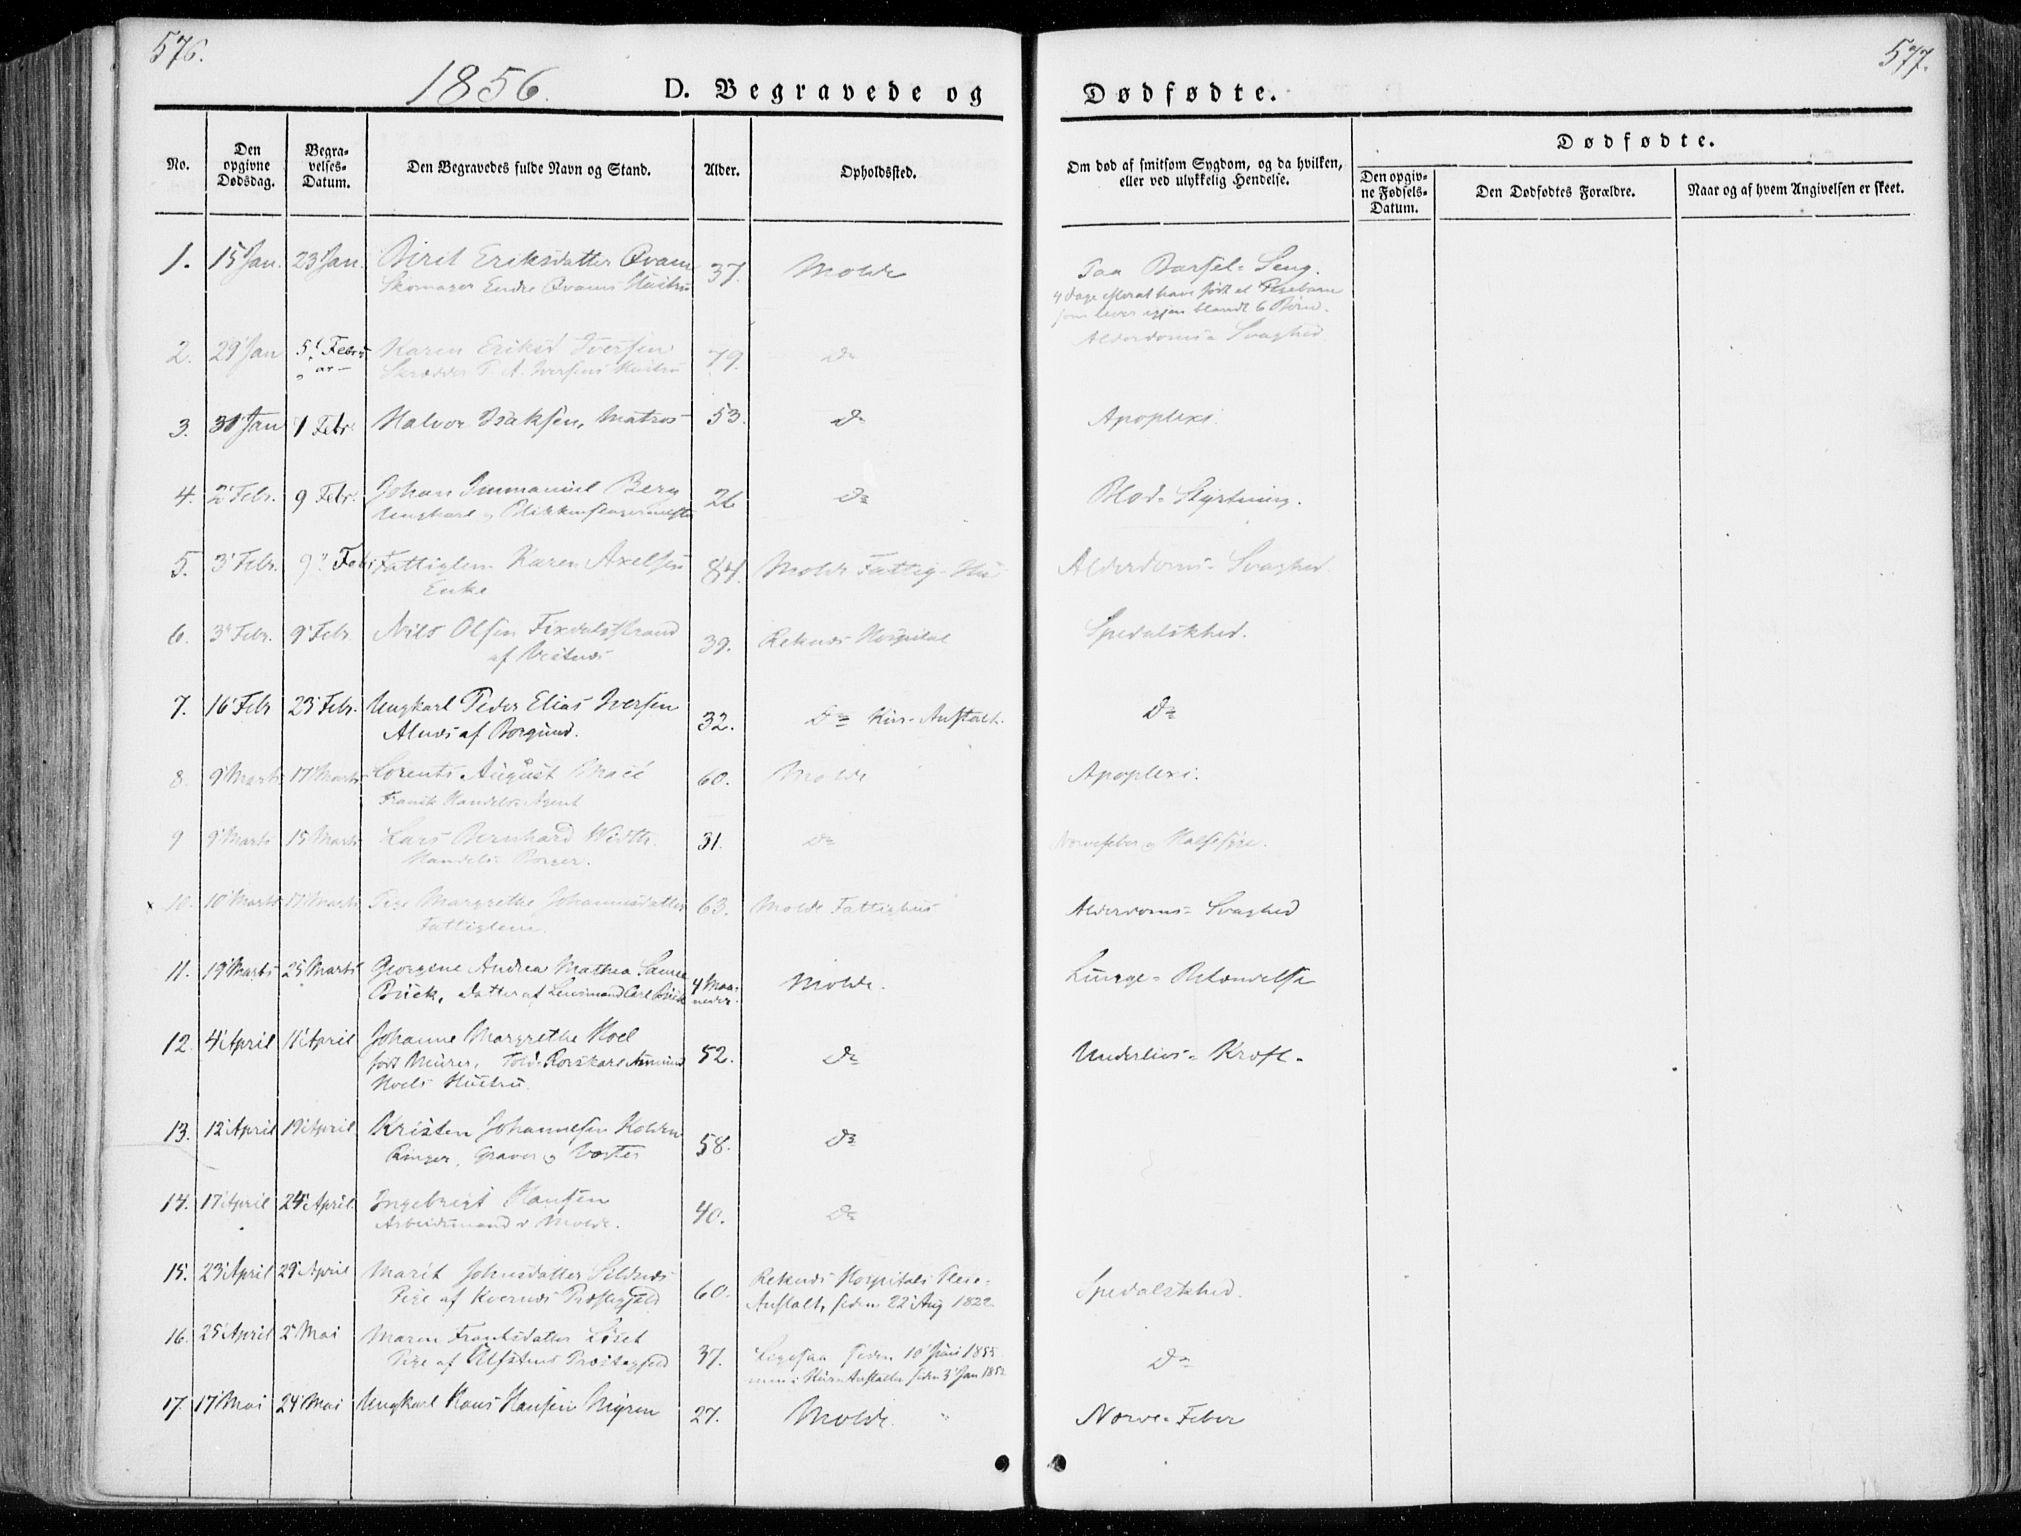 SAT, Ministerialprotokoller, klokkerbøker og fødselsregistre - Møre og Romsdal, 558/L0689: Ministerialbok nr. 558A03, 1843-1872, s. 576-577